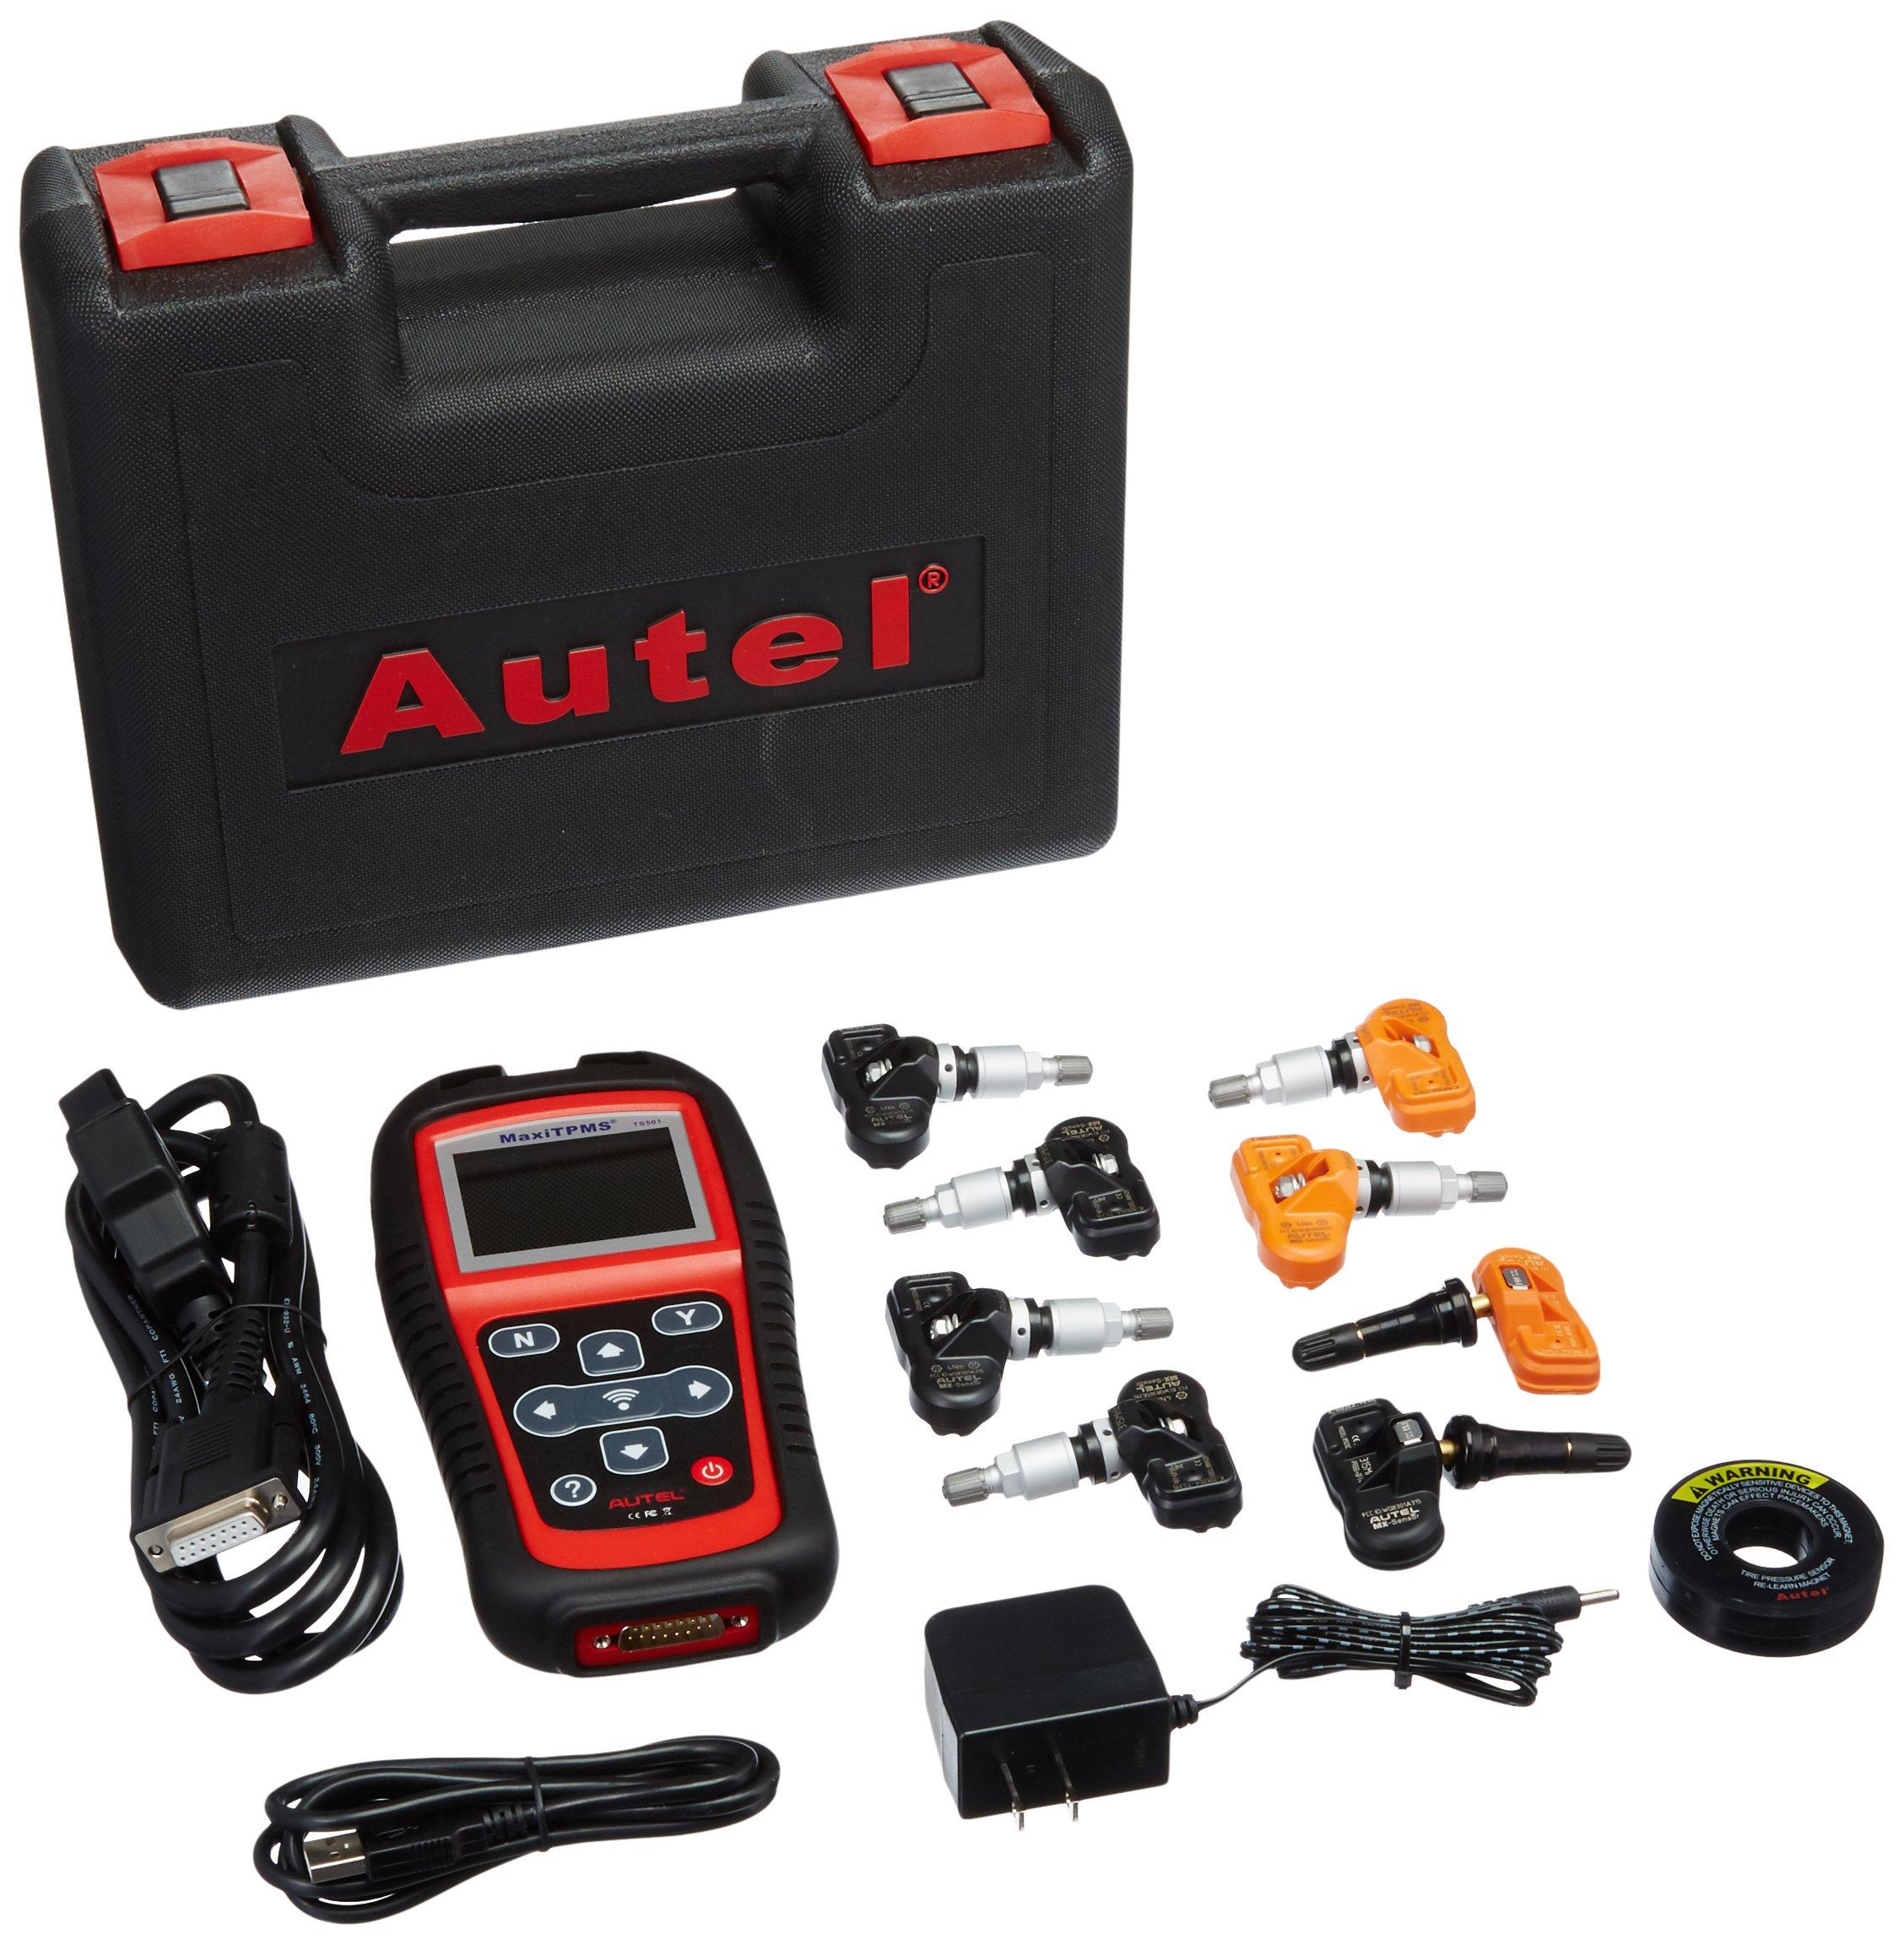 Autel AULTS501K Premium Kit with MX-Sensor (TS501 s)